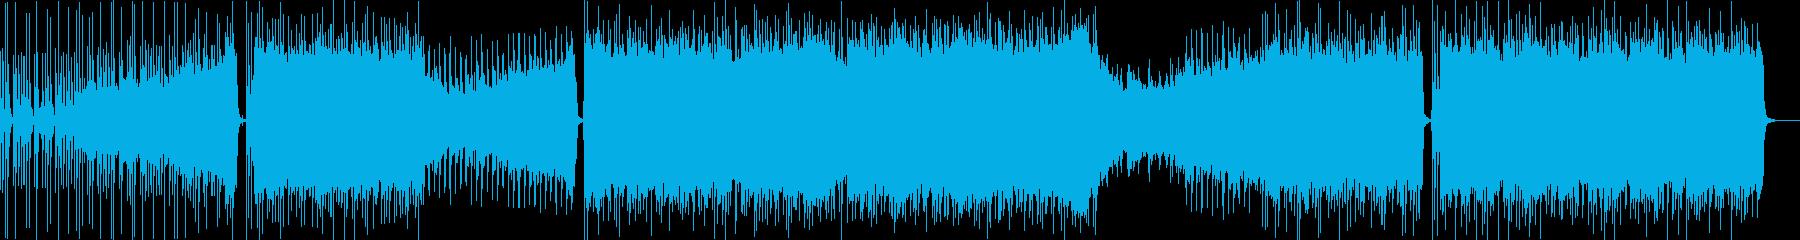 モダンなインディーロックの再生済みの波形